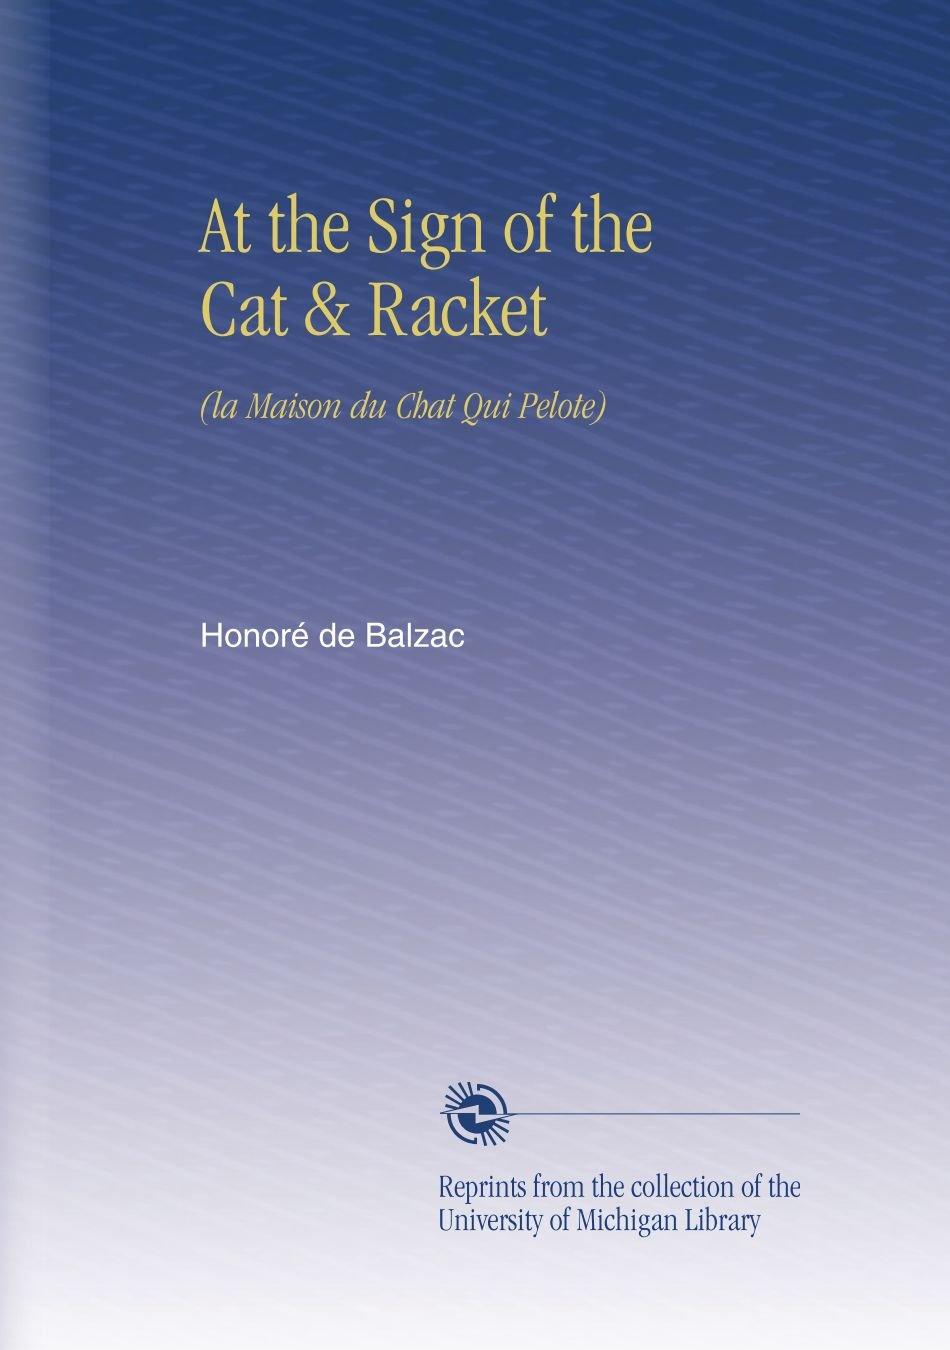 At the Sign of the Cat & Racket: (la Maison du Chat Qui Pelote) pdf